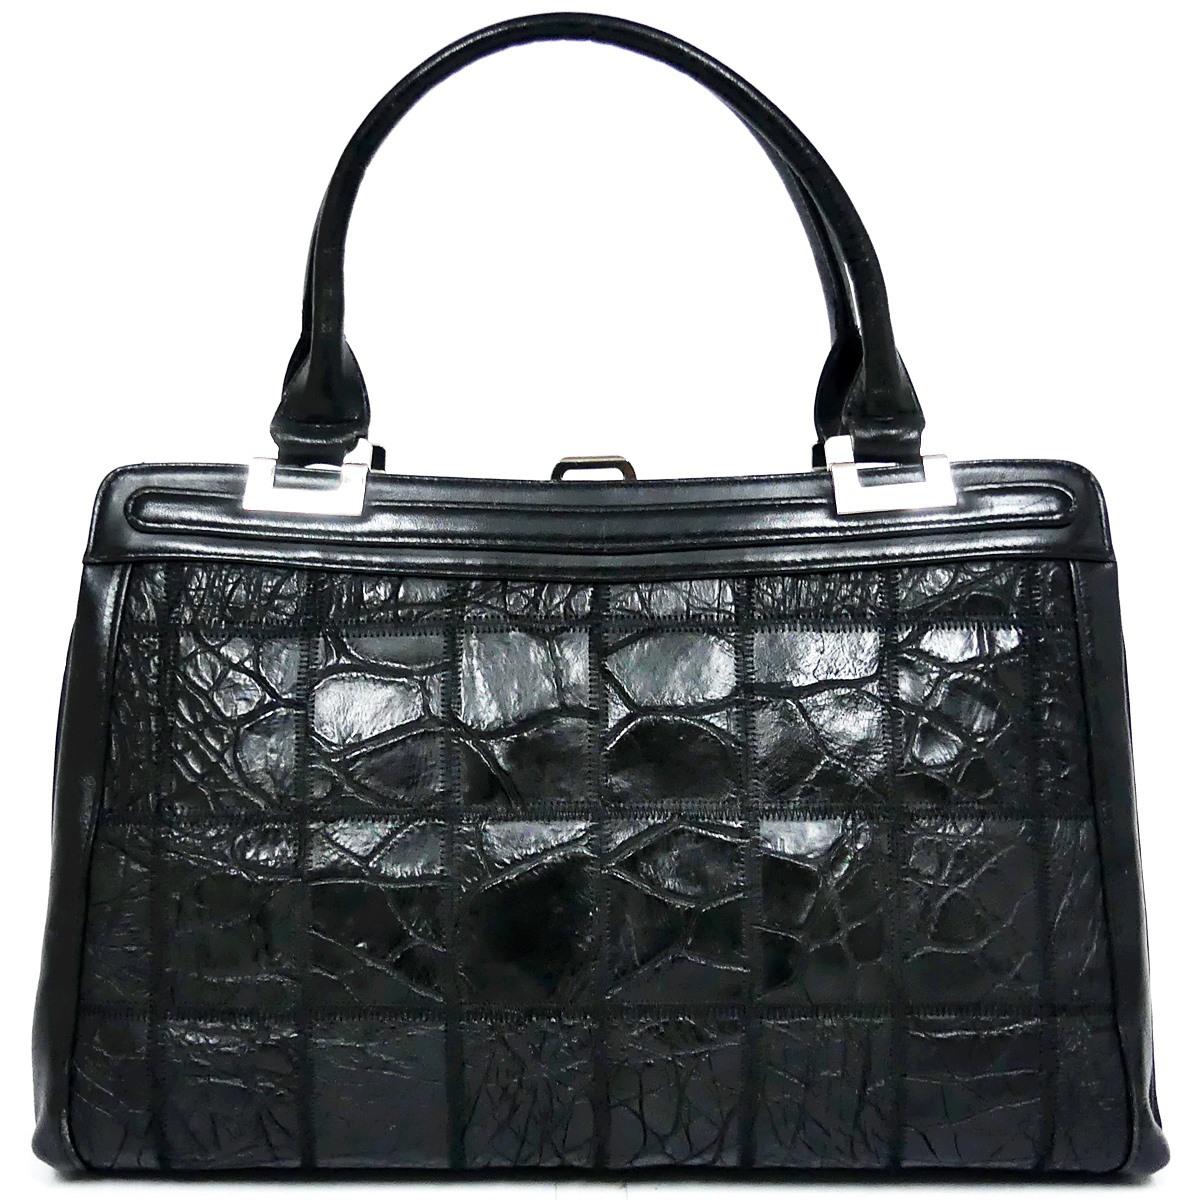 即決★N.B.★レザーハンドバッグ パッチワーク クロコ型押し メンズ 黒 本革 トートバッグ 本皮 かばん 鞄 レディース 手提げバッグ_画像3